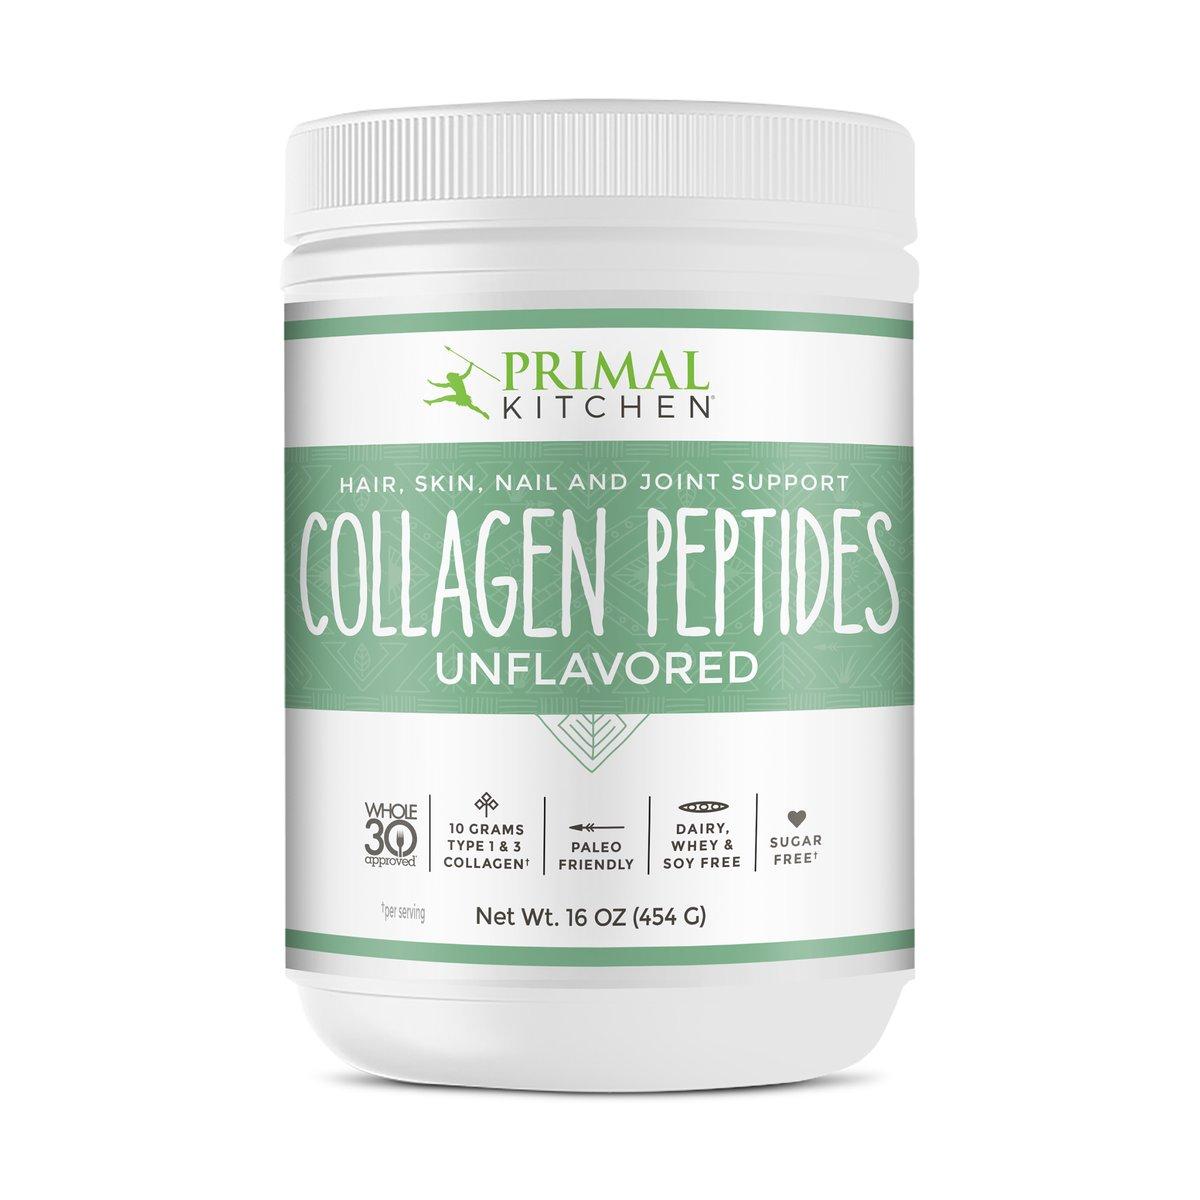 Primal Kitchen Collagen Peptides | Kind Gift Guide akindjourney.com